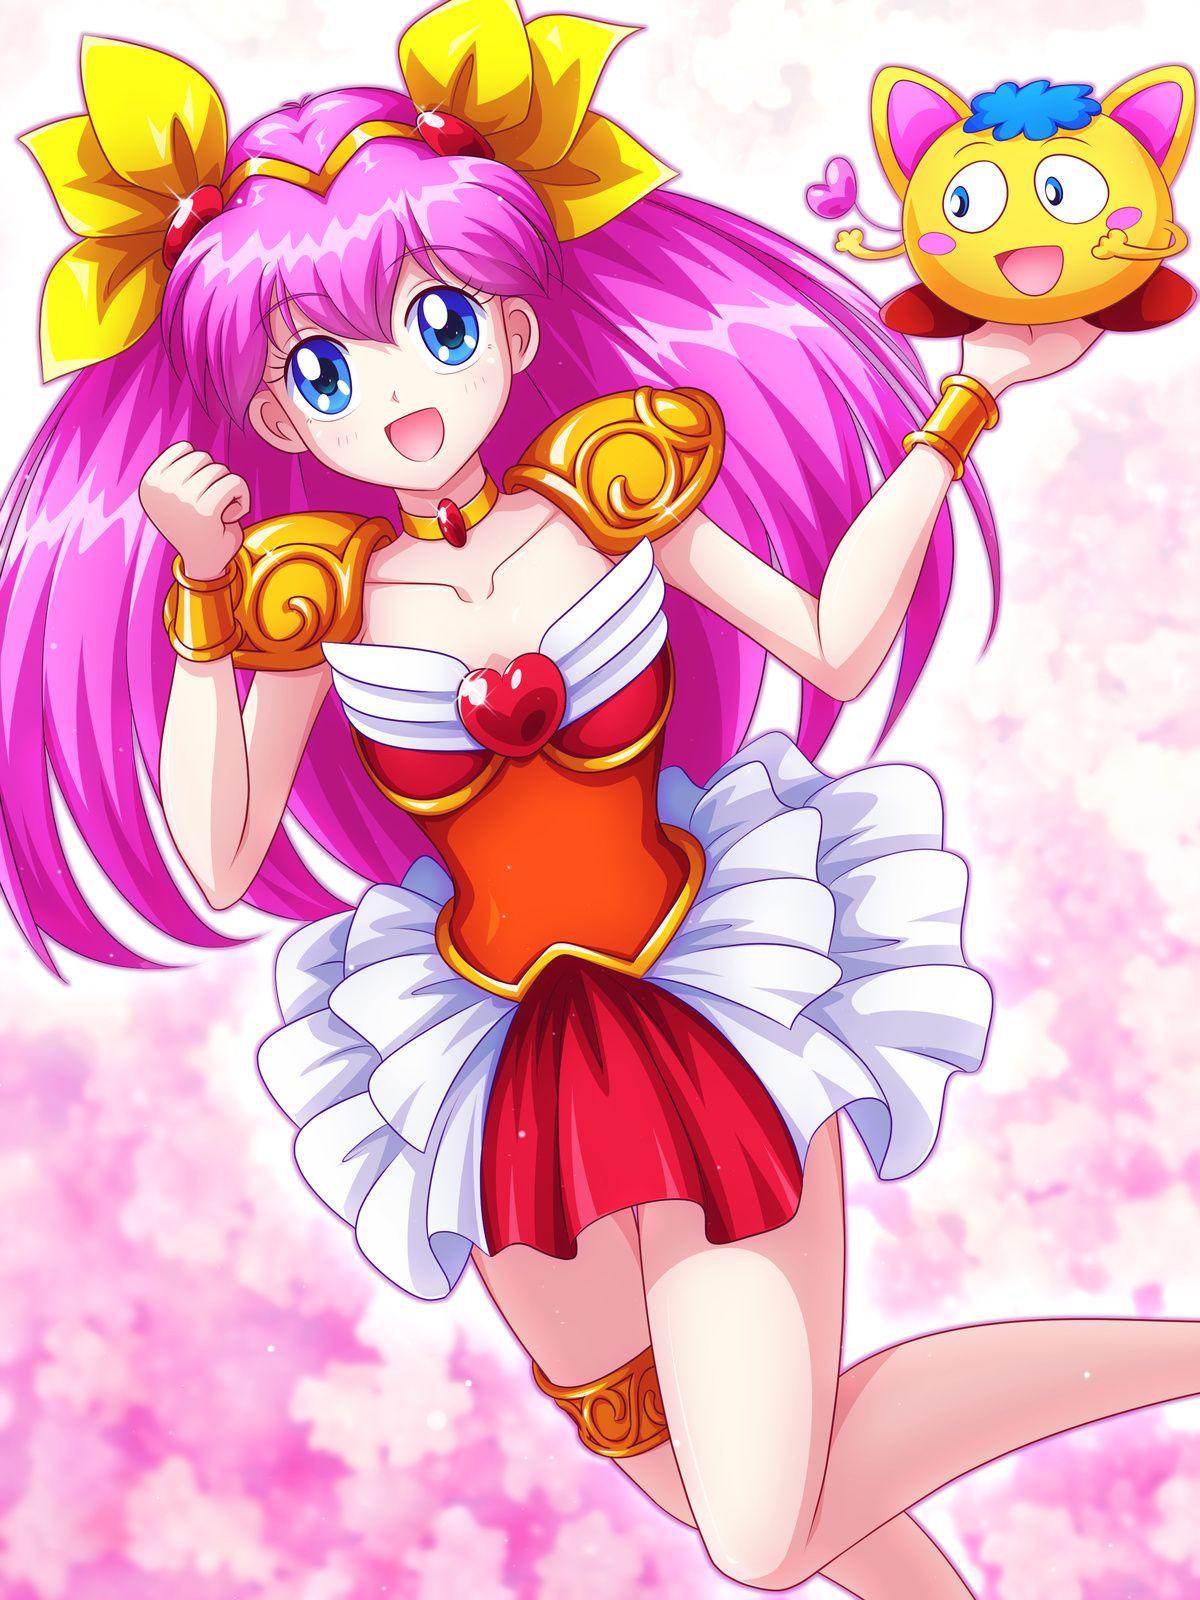 Wedding Peach Sailor moon wedding, Peach wedding, Anime